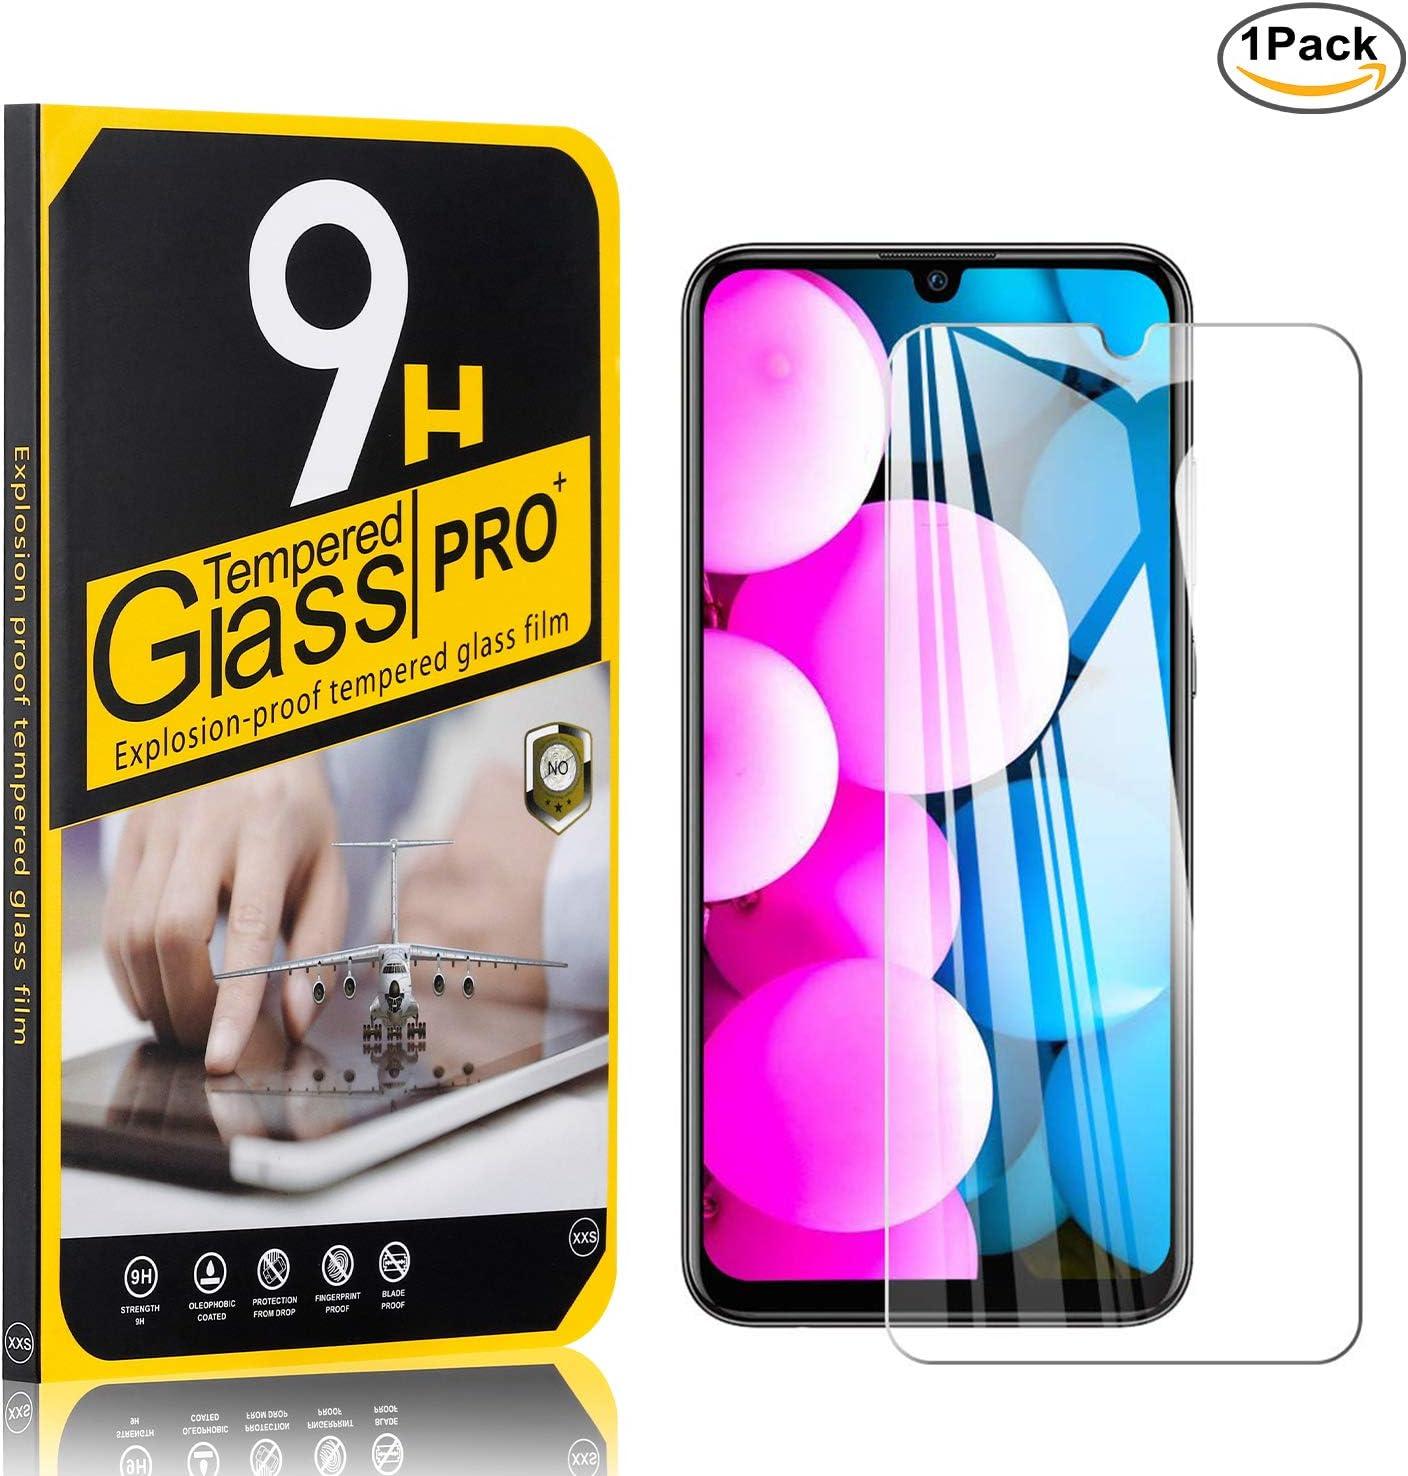 NBKASE 1 Piezas Protector de Pantalla para Galaxy A30 / Galaxy A20, Alta Definicion Protector de Pantalla Cristal Templado, 9H Dureza, Anti-despegamientos, Anti-arañazos,: Amazon.es: Bebé